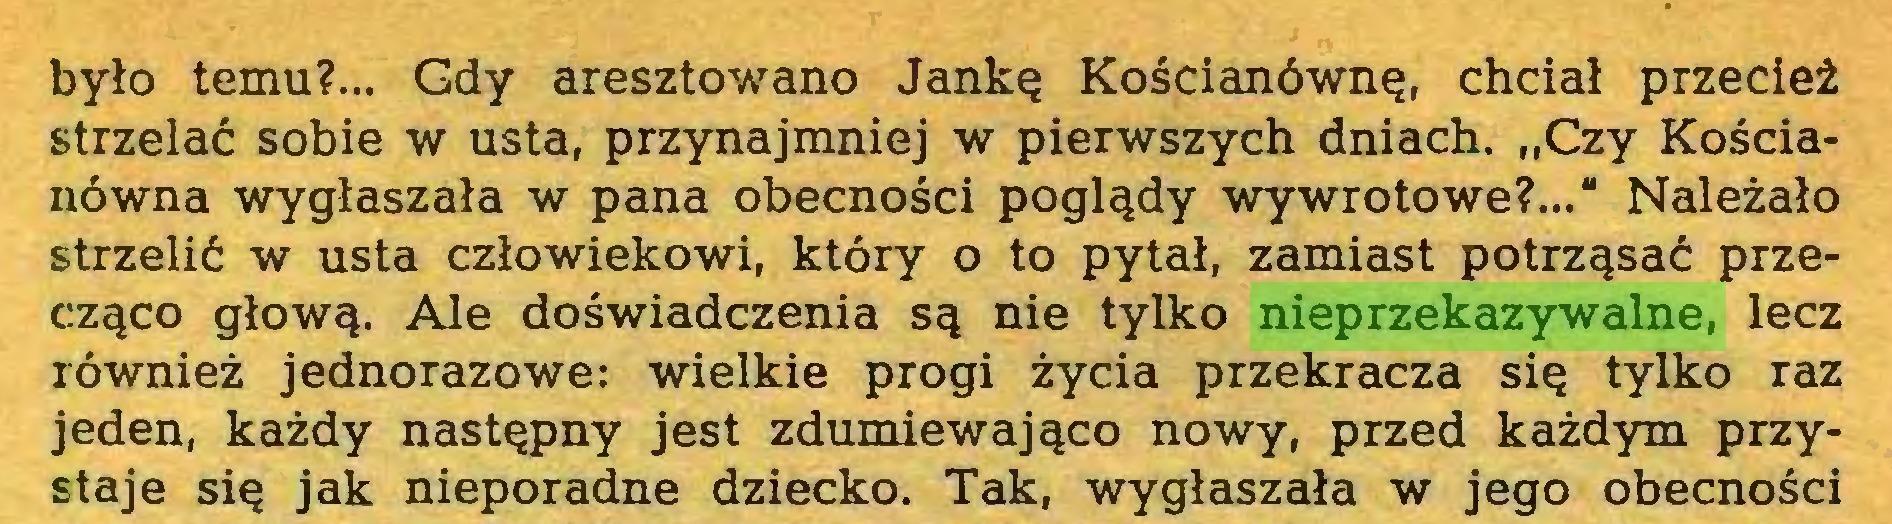 """(...) było temu?... Gdy aresztowano Jankę Kościanównę, chciał przecież strzelać sobie w usta, przynajmniej w pierwszych dniach. """"Czy Kościanówna wygłaszała w pana obecności poglądy wywrotowe?..."""" Należało strzelić w usta człowiekowi, który o to pytał, zamiast potrząsać przecząco głową. Ale doświadczenia są nie tylko nieprzekazywalne, lecz również jednorazowe: wielkie progi życia przekracza się tylko raz jeden, każdy następny jest zdumiewająco nowy, przed każdym przystaje się jak nieporadne dziecko. Tak, wygłaszała w jego obecności..."""